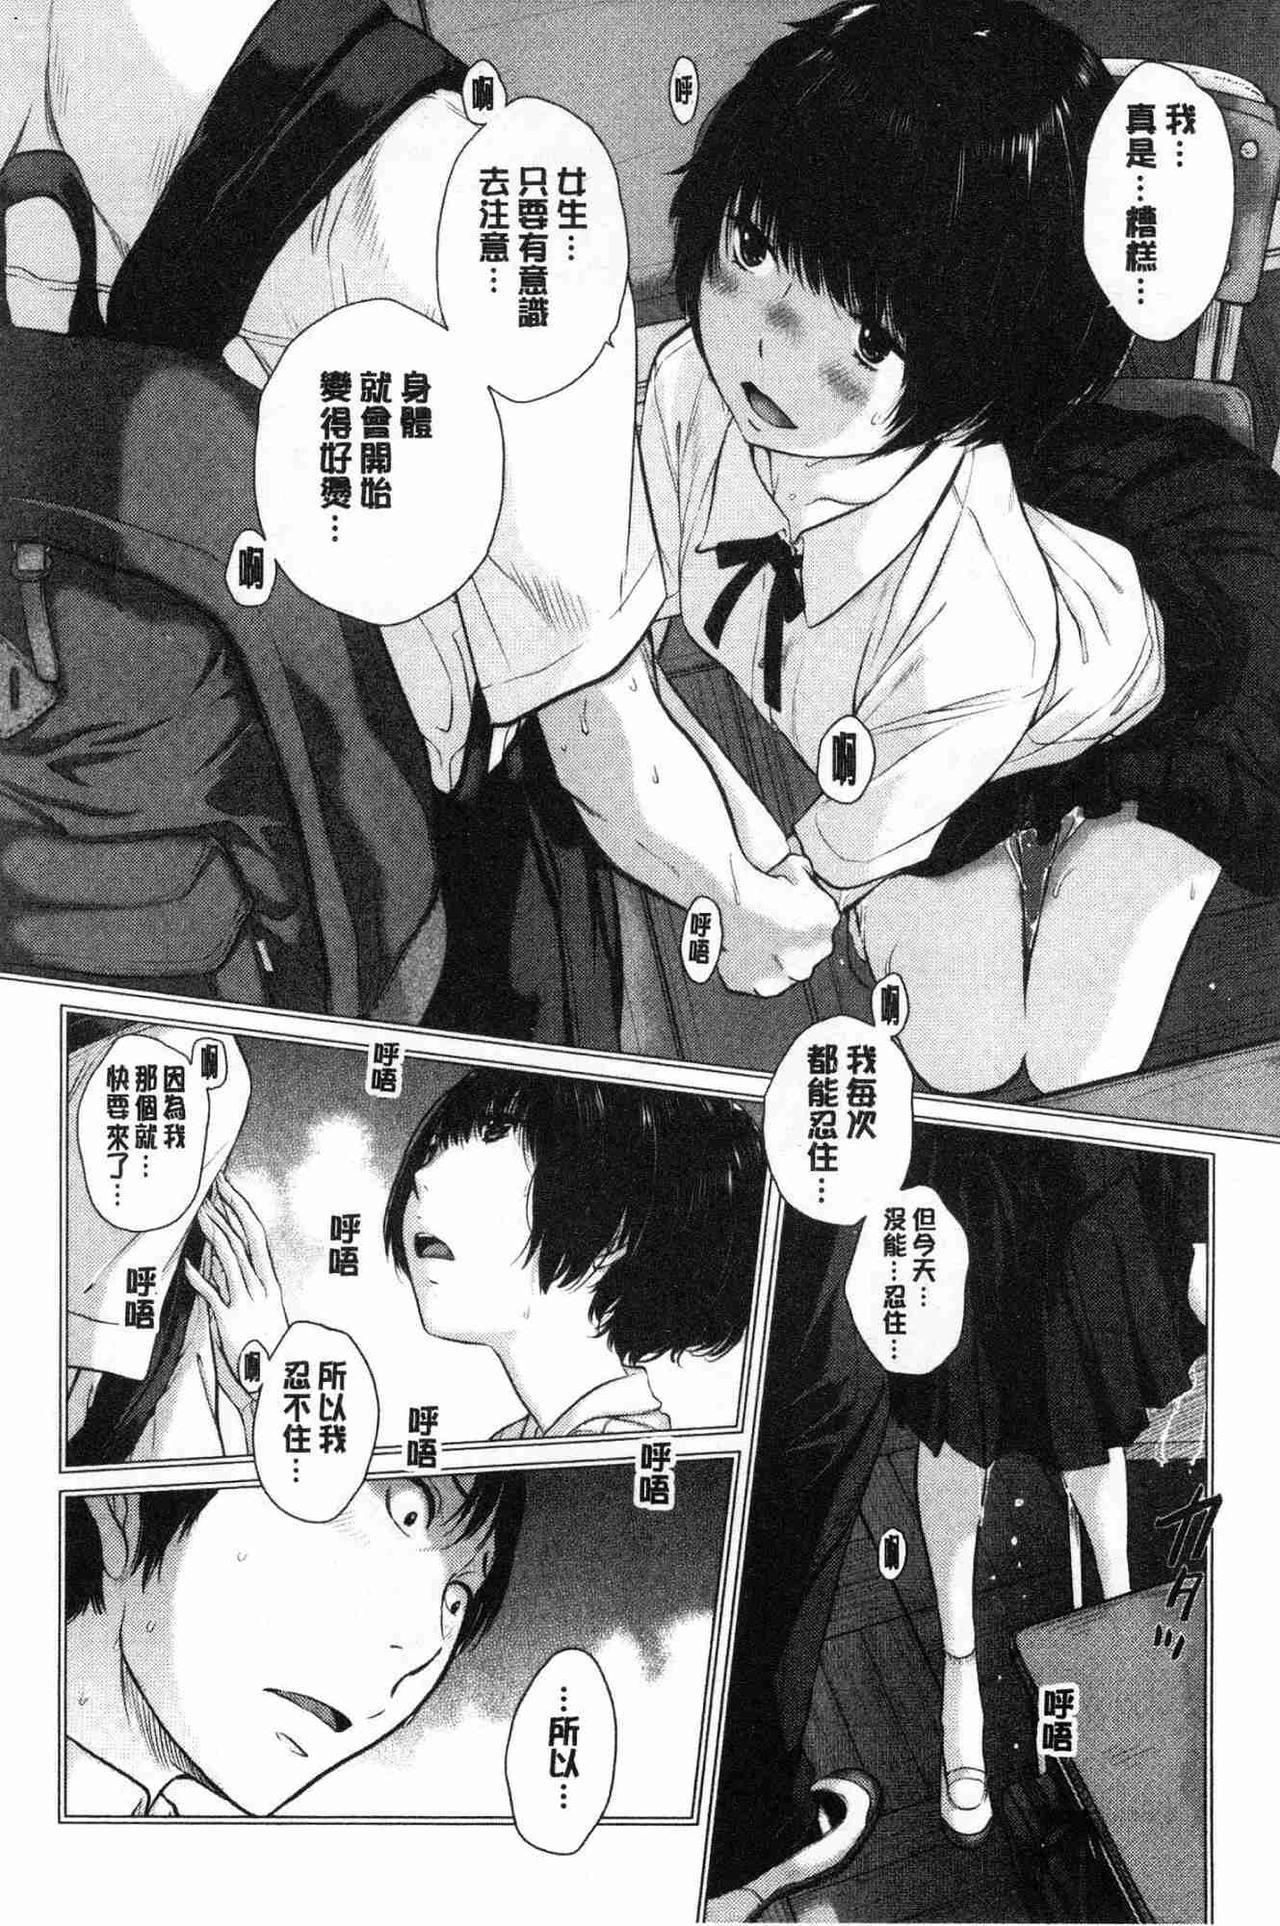 [Harazaki Takuma] Seifuku Shijou Shugi -Natsu- - Uniforms supremacy [Chinese] 92